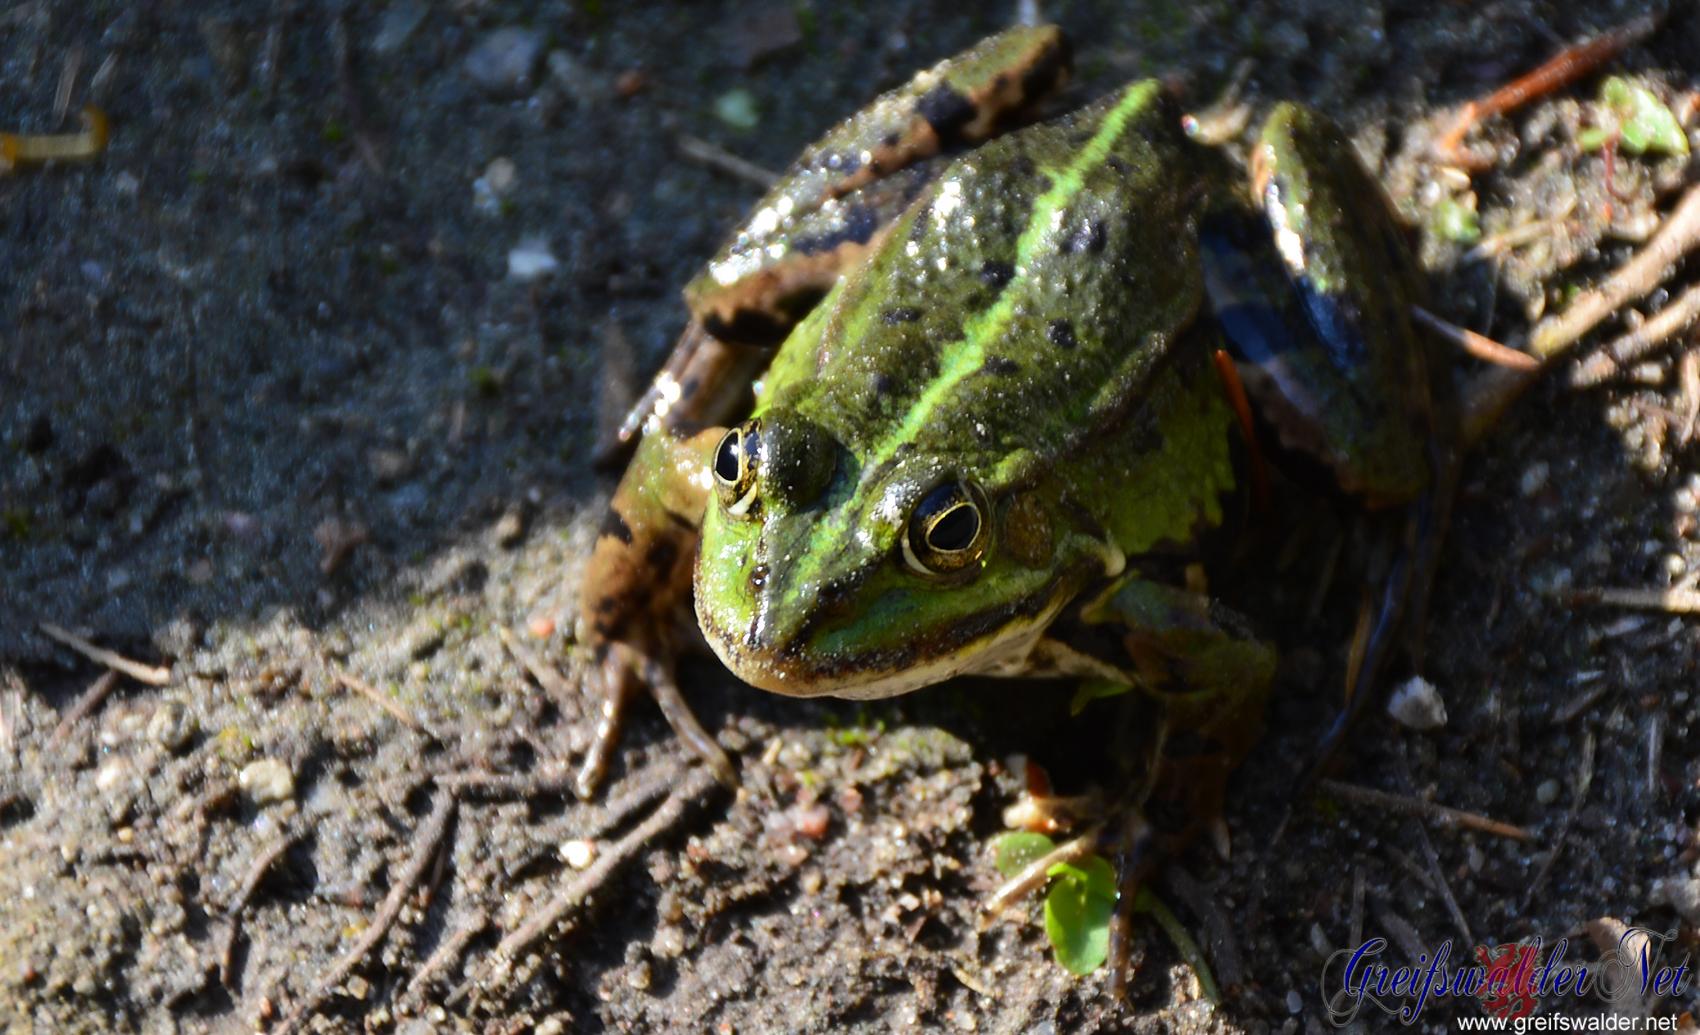 Frosch sonnt sich nach einem Regenschauer